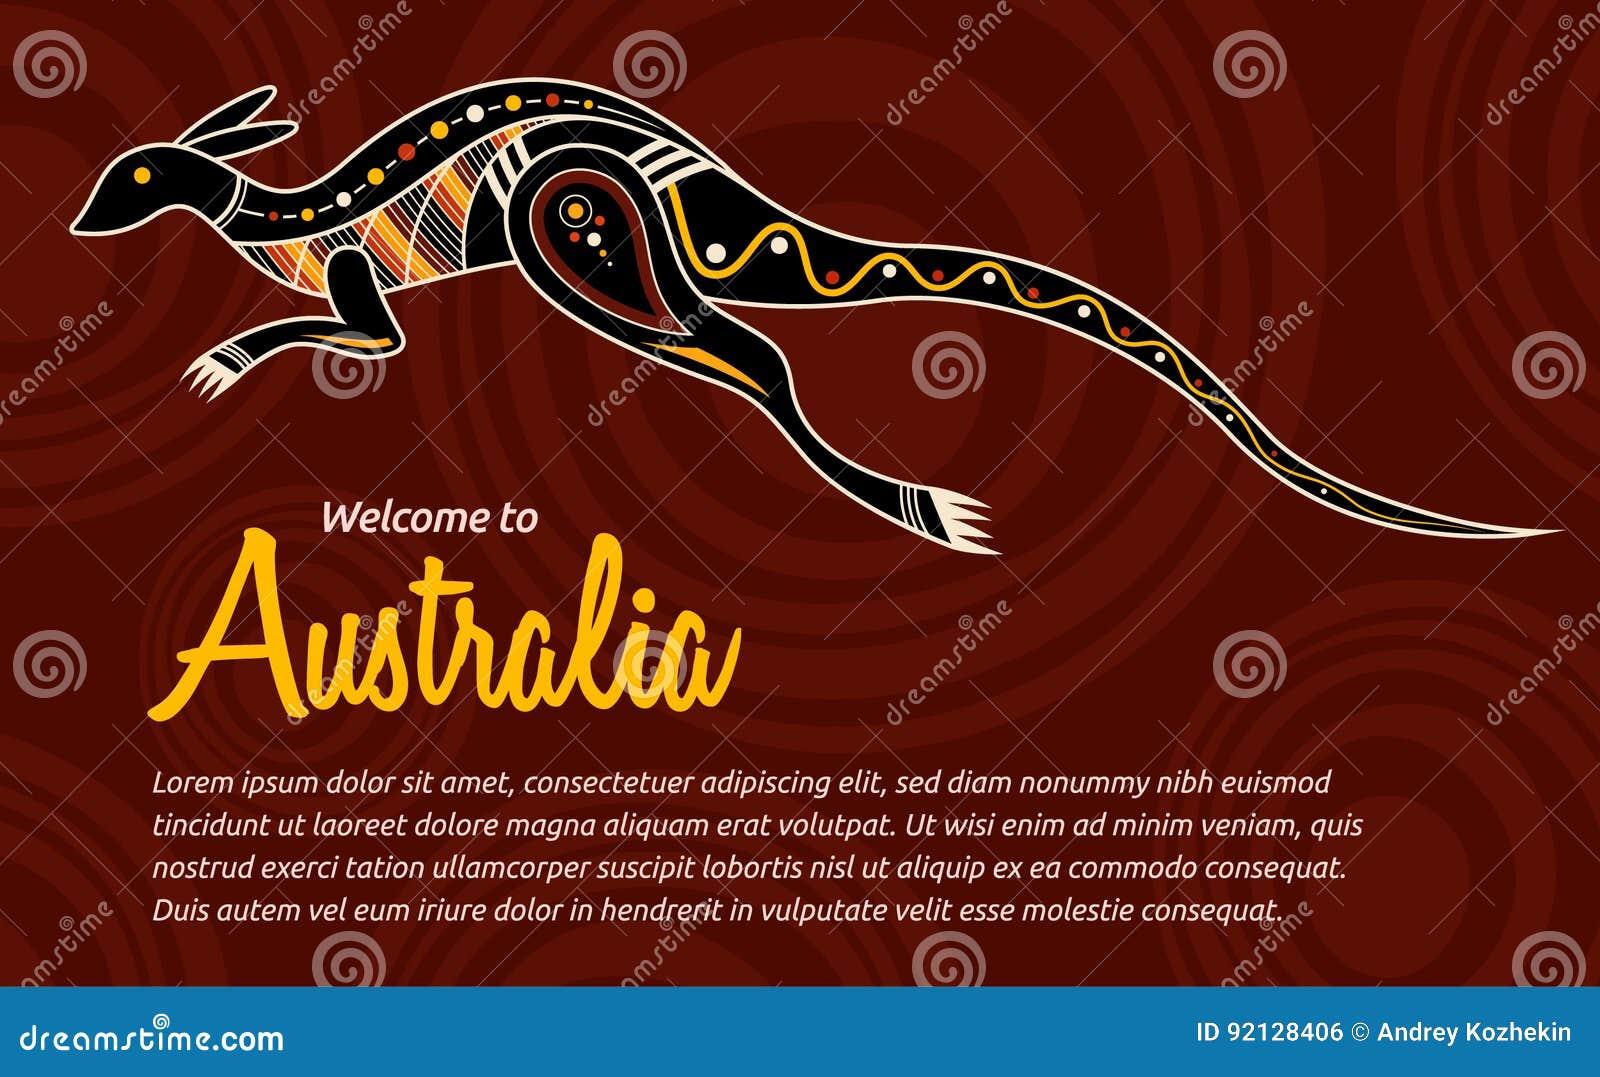 vector abstract illustration kangaroo stock vector illustration